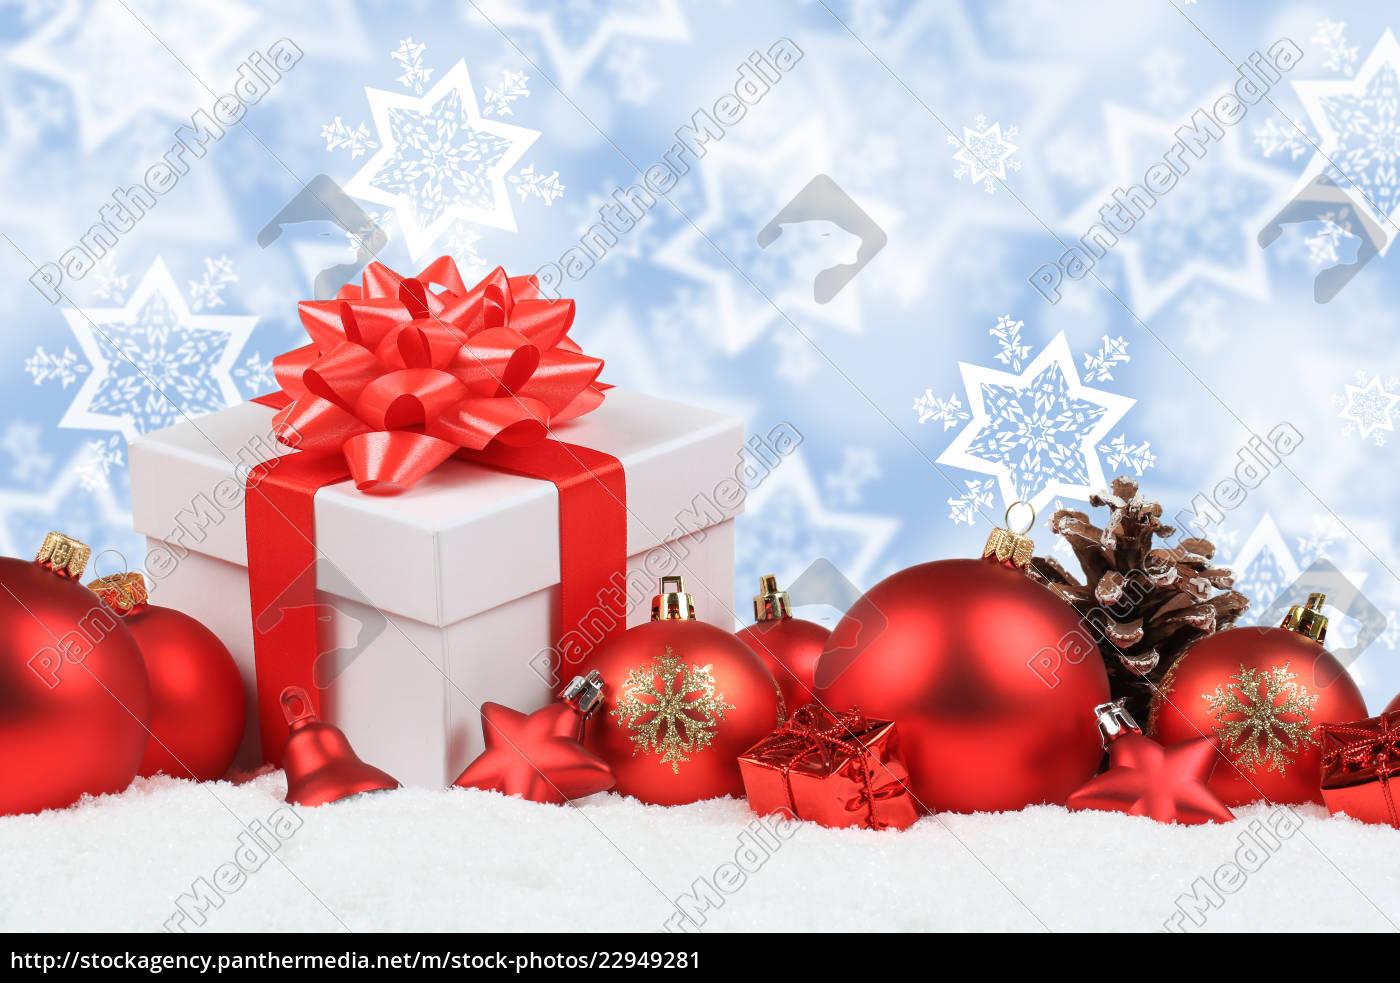 Weihnachten Geschenke Weihnachtsgeschenke Dekoration Lizenzfreies Bild 22949281 Bildagentur Panthermedia